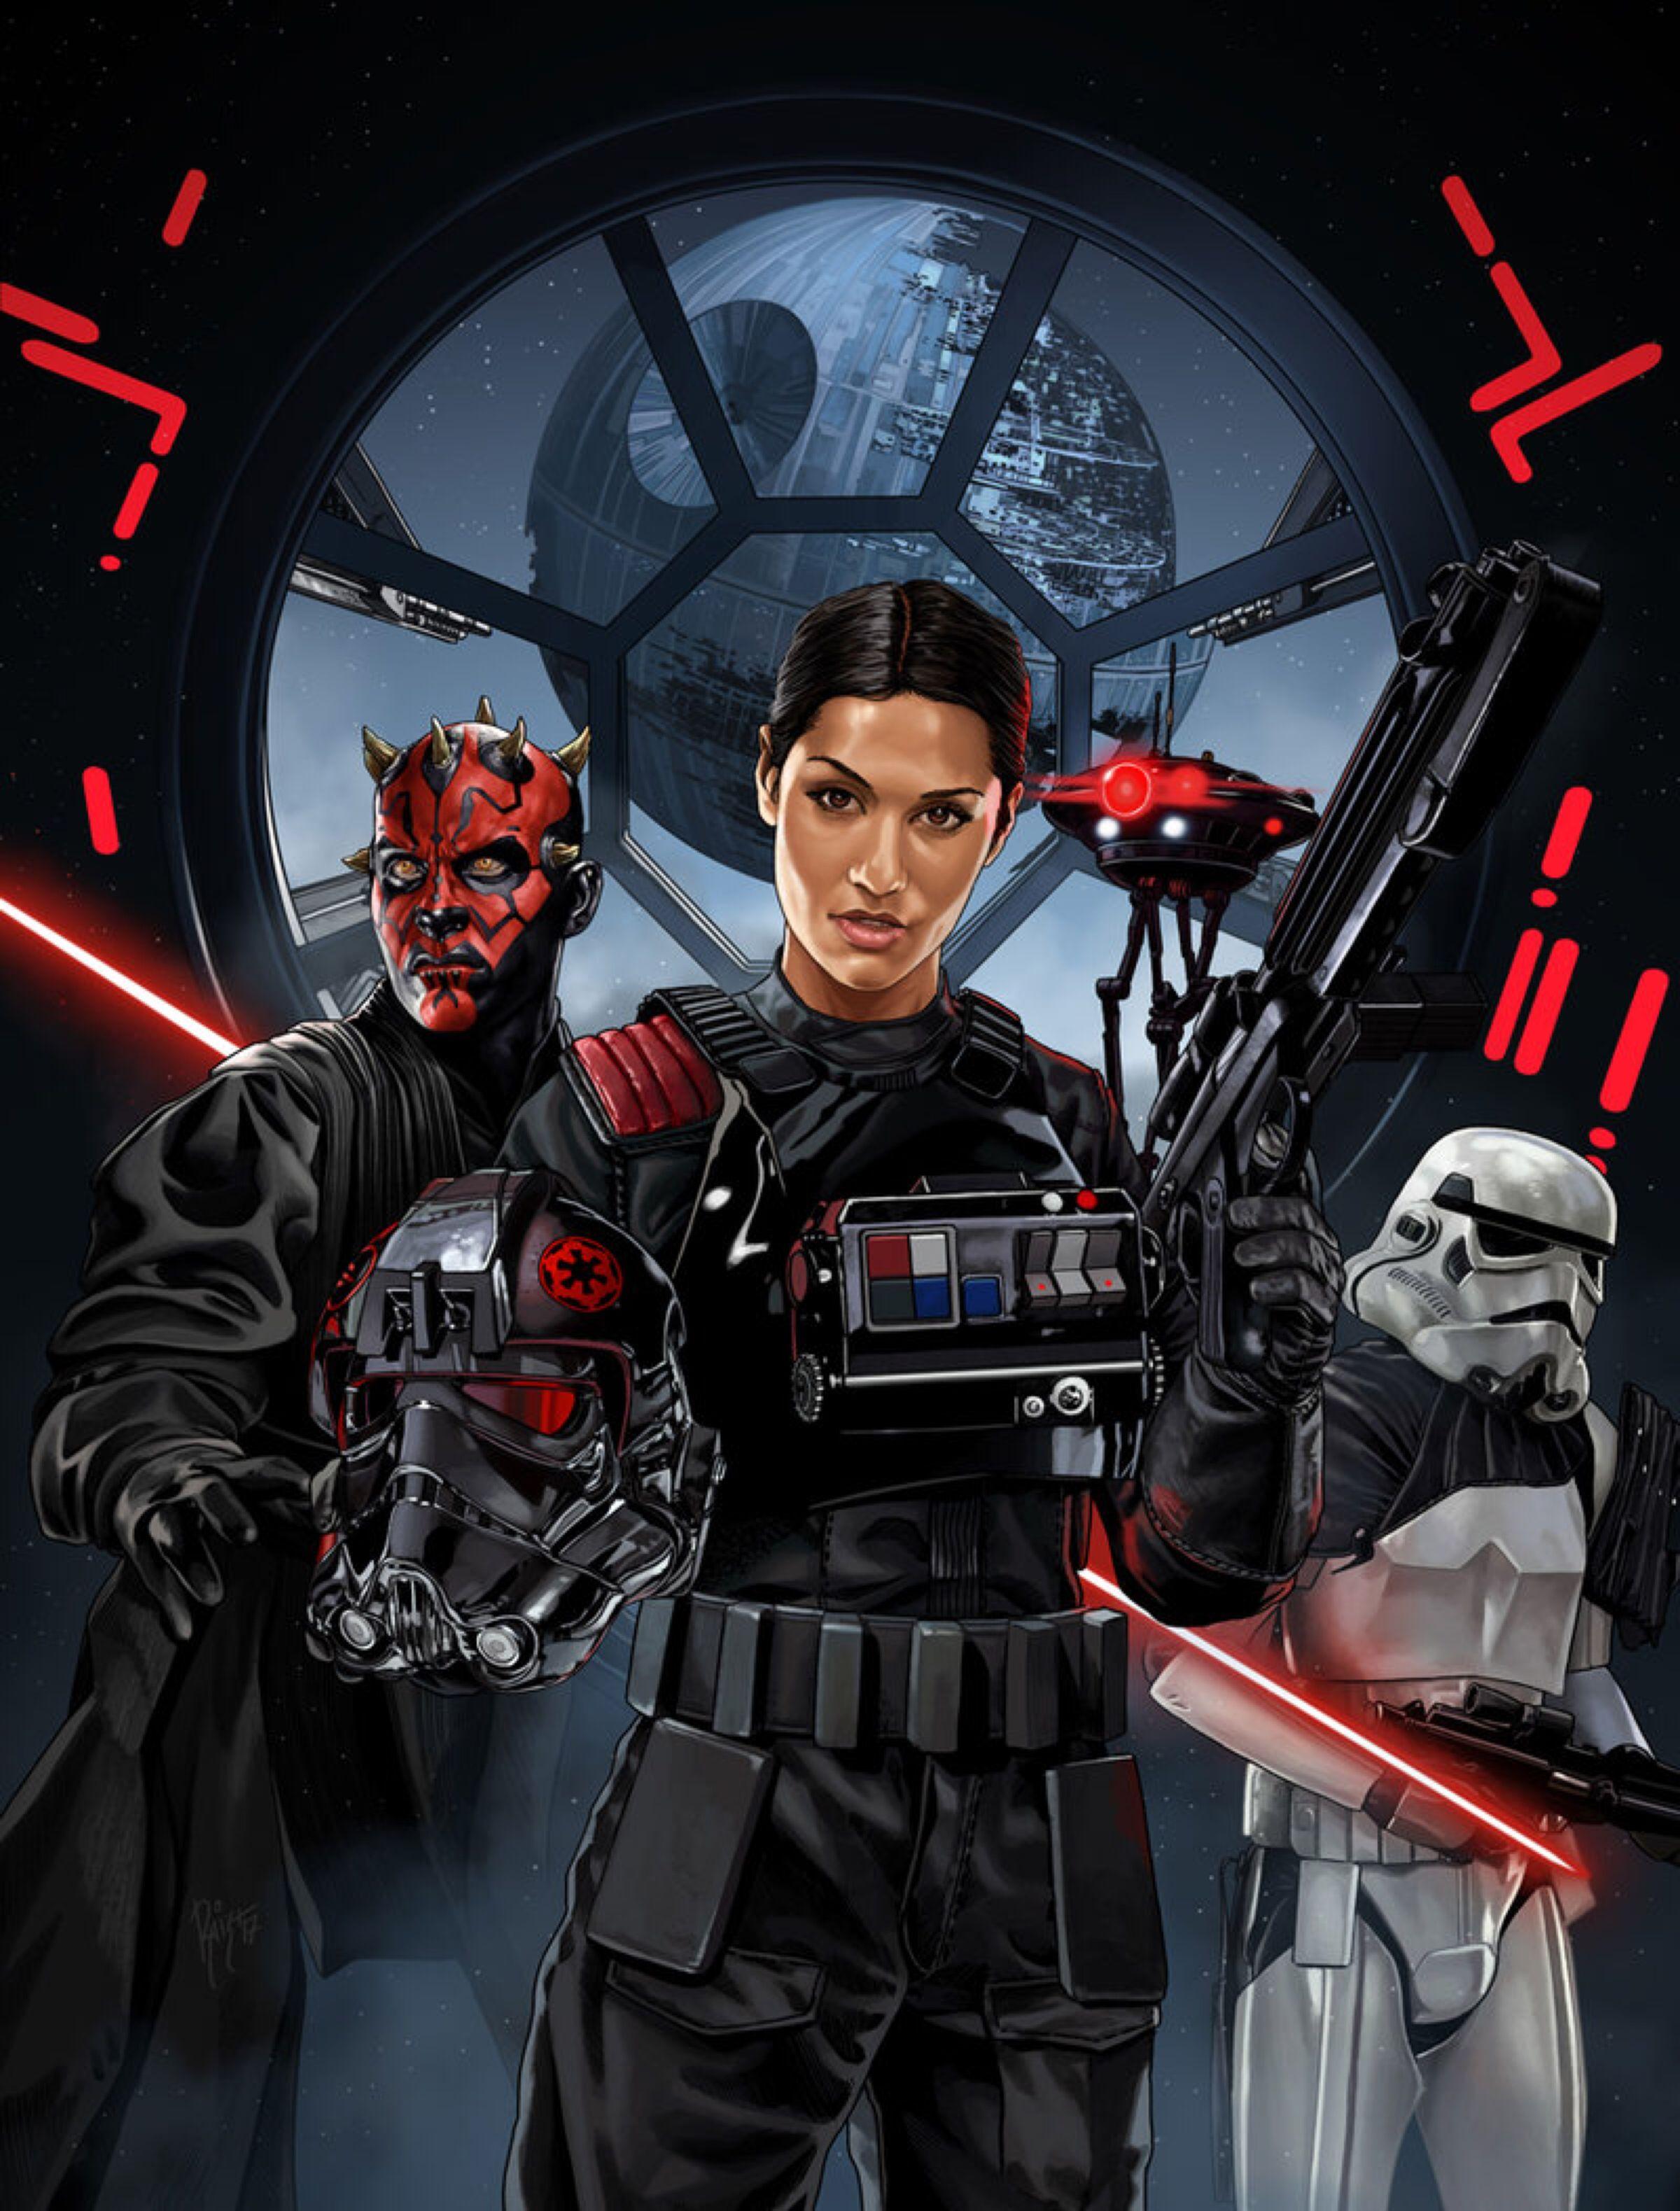 Star Wars Battlefront Ii By Ruizburgos On Deviantart Star Wars Images Star Wars Pictures Star Wars Battlefront